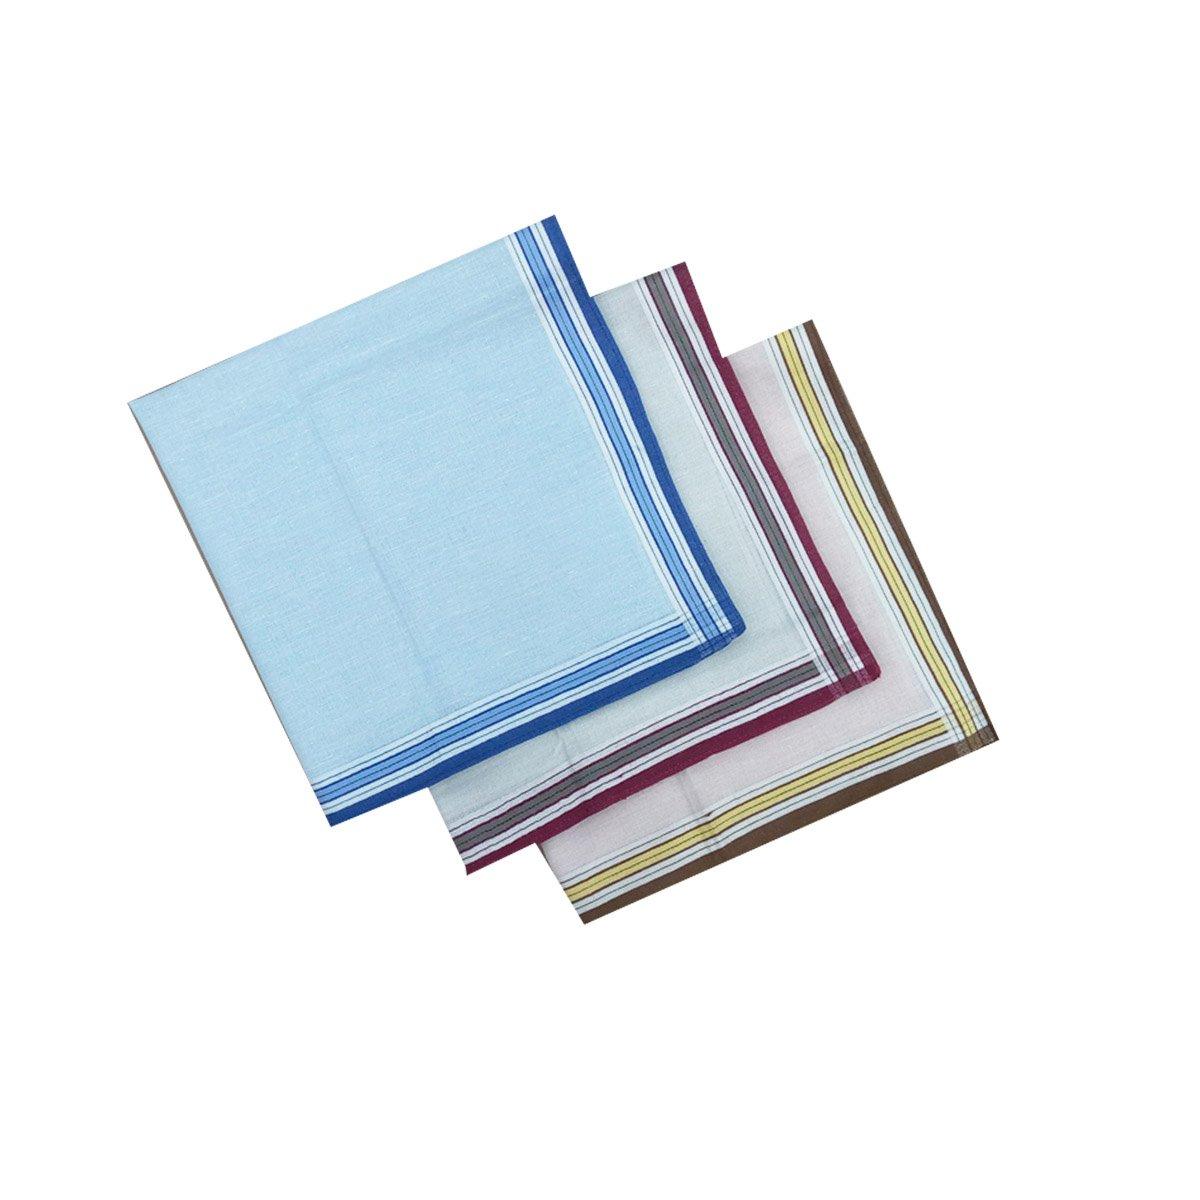 LACS Men's Cotton Handkerchiefs 12 Pack